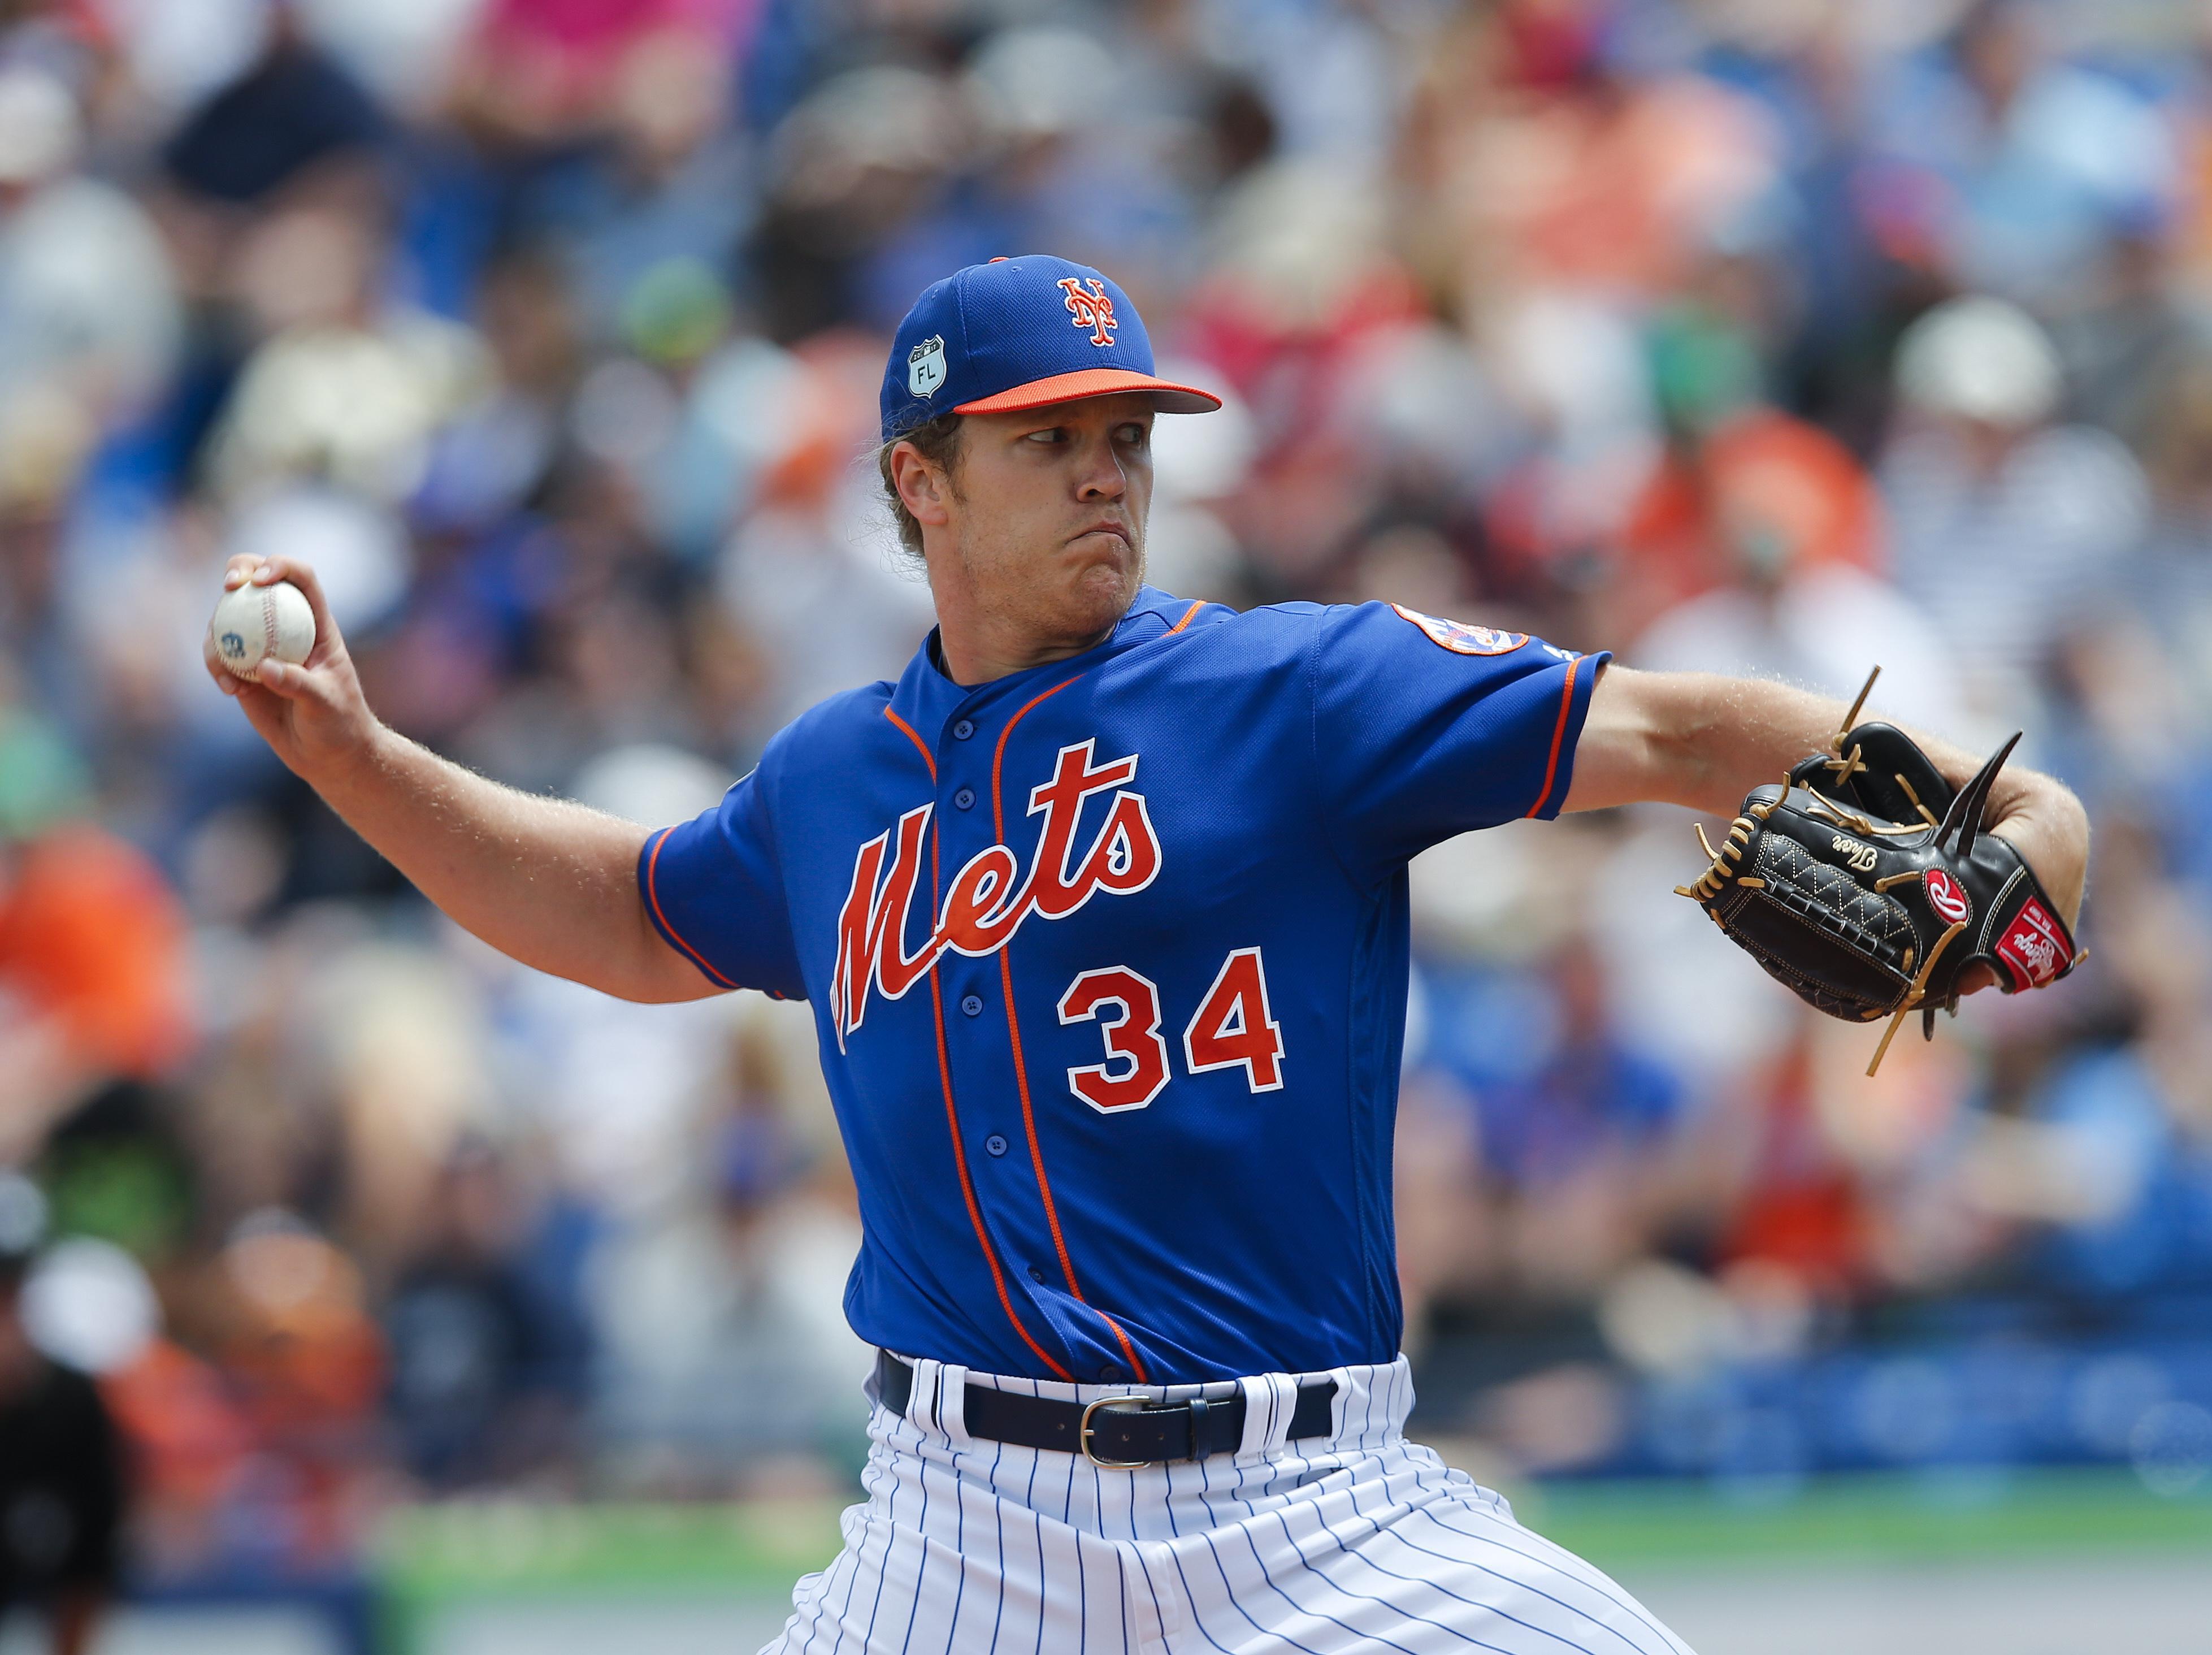 Astros_mets_spring_baseball_85628